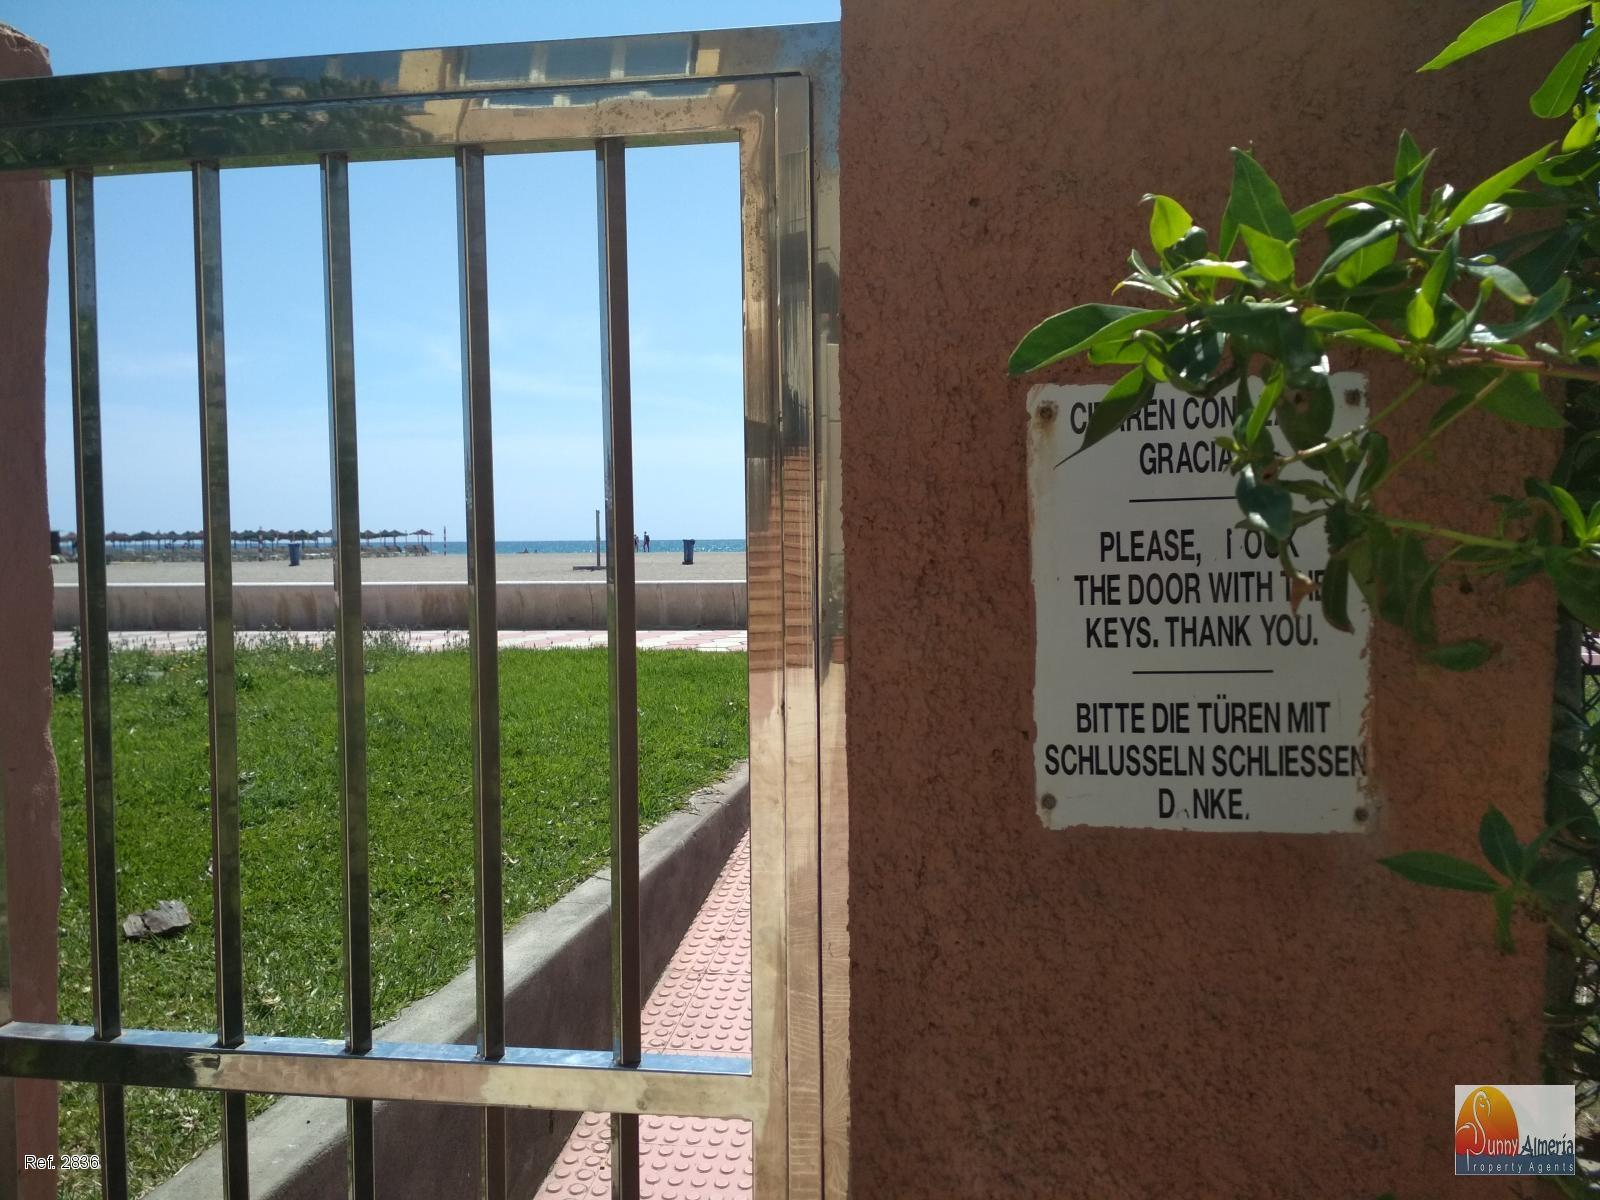 Lejlighed udlejes på lang tid I Avenida de Playa Serena 97 (Roquetas de Mar), 600€/måned